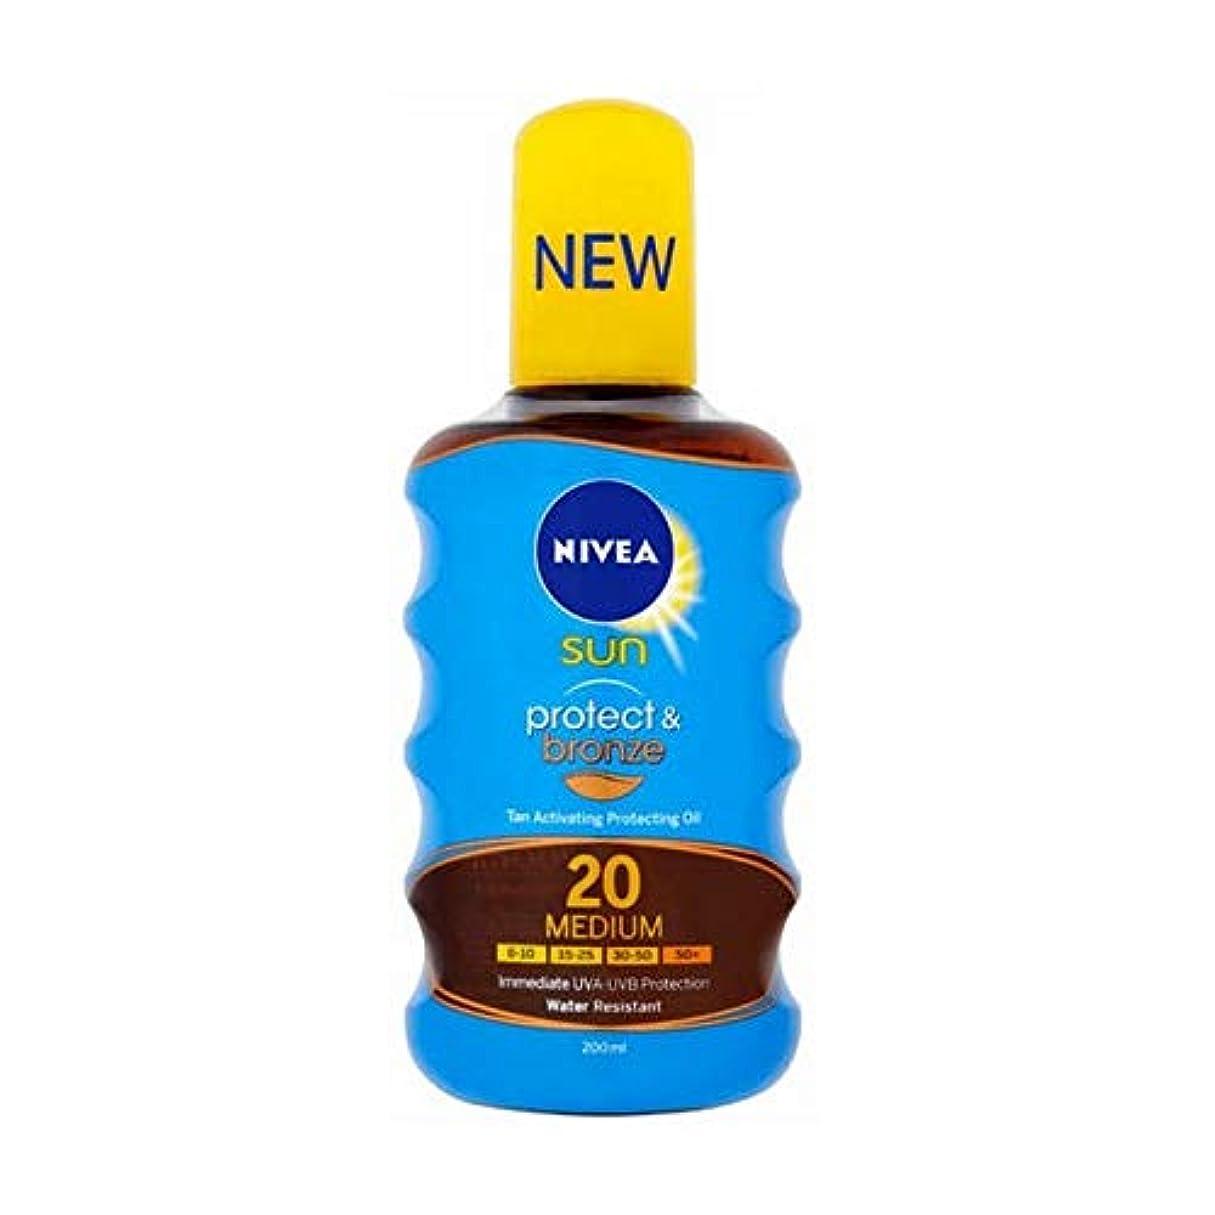 不道徳女性慰め[Nivea ] ニベア日焼けオイルSpf20プロテクト&ブロンズ200ミリリットル活性化 - NIVEA SUN Tan Activating Oil SPF20 Protect&Bronze 200ml [並行輸入品]